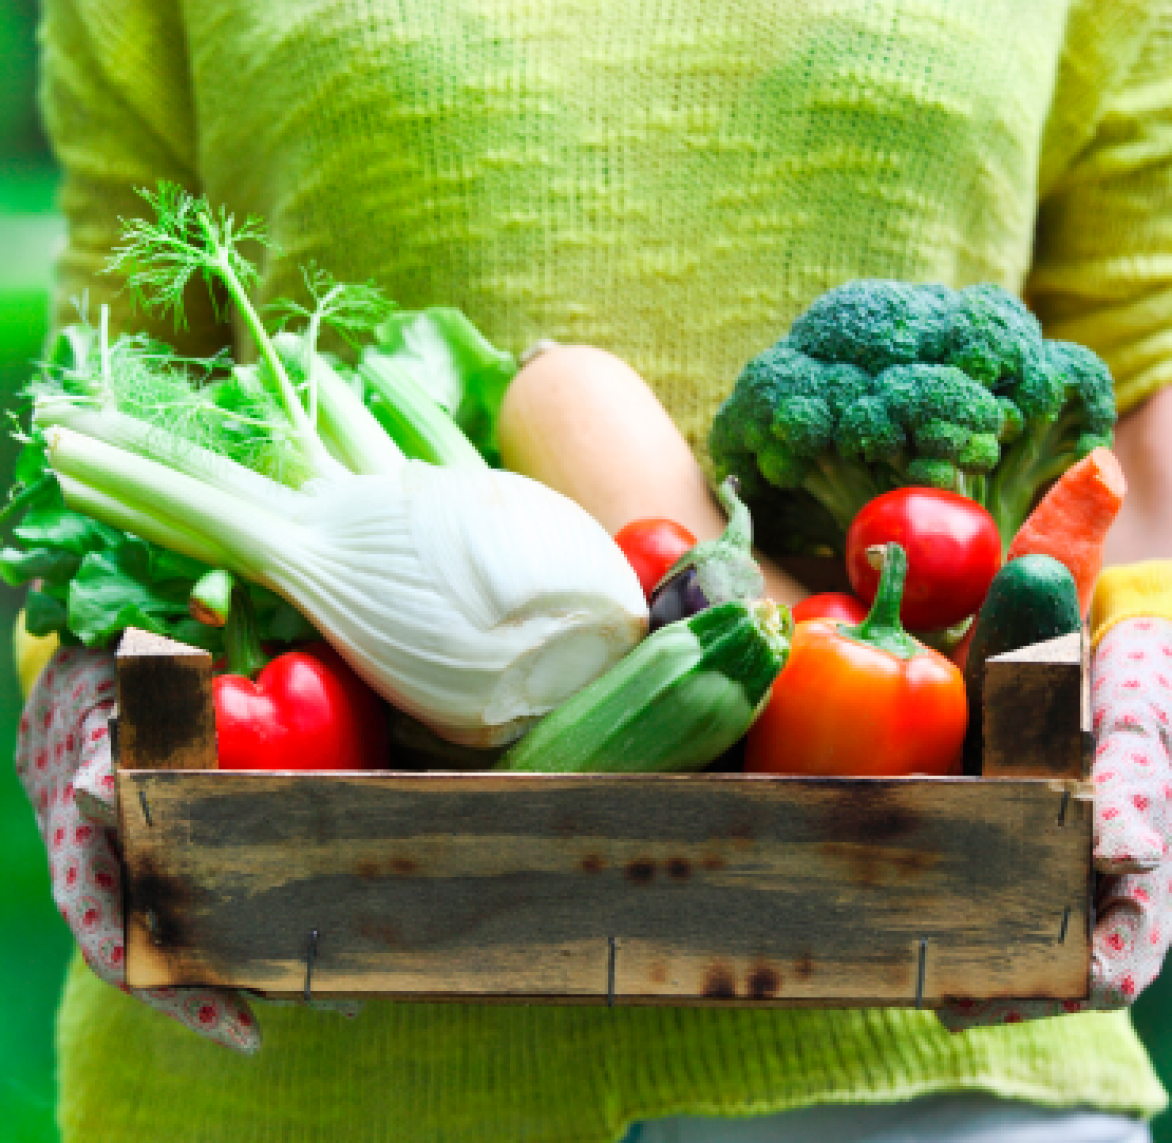 Fonkelnieuw De voordelen van seizoensgroenten en -fruit   Voedingsinfo NICE KA-73